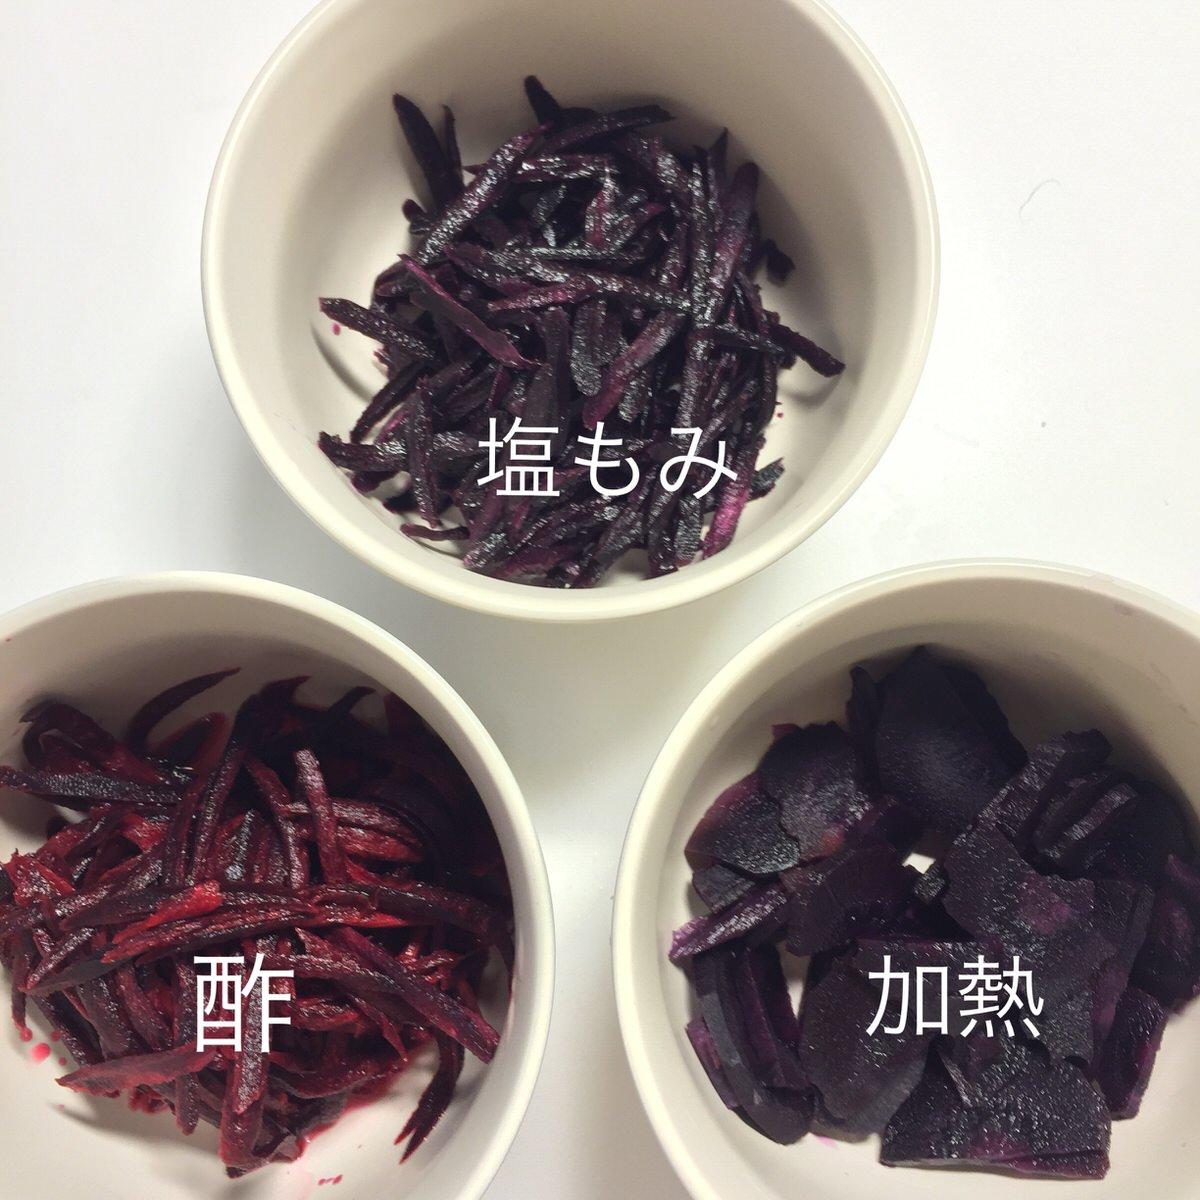 紫の人参(ダークパープル)は加熱・塩・酢でどう色が変わるか。変色具合を実験してみました。